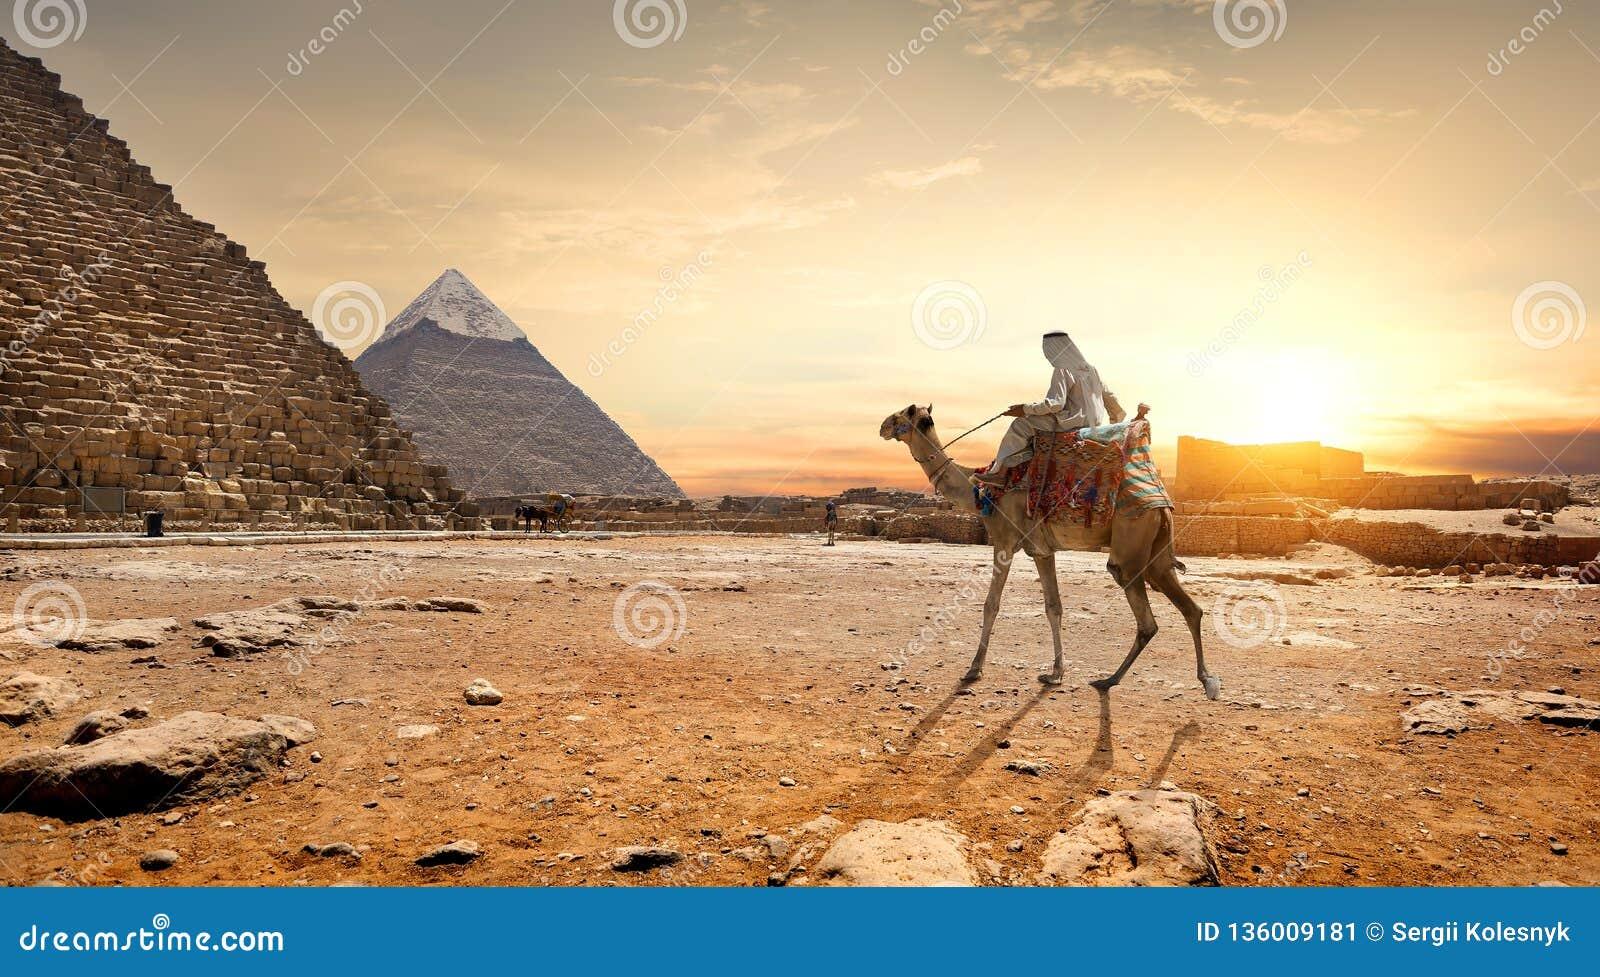 Las pirámides ajardinan Egipto